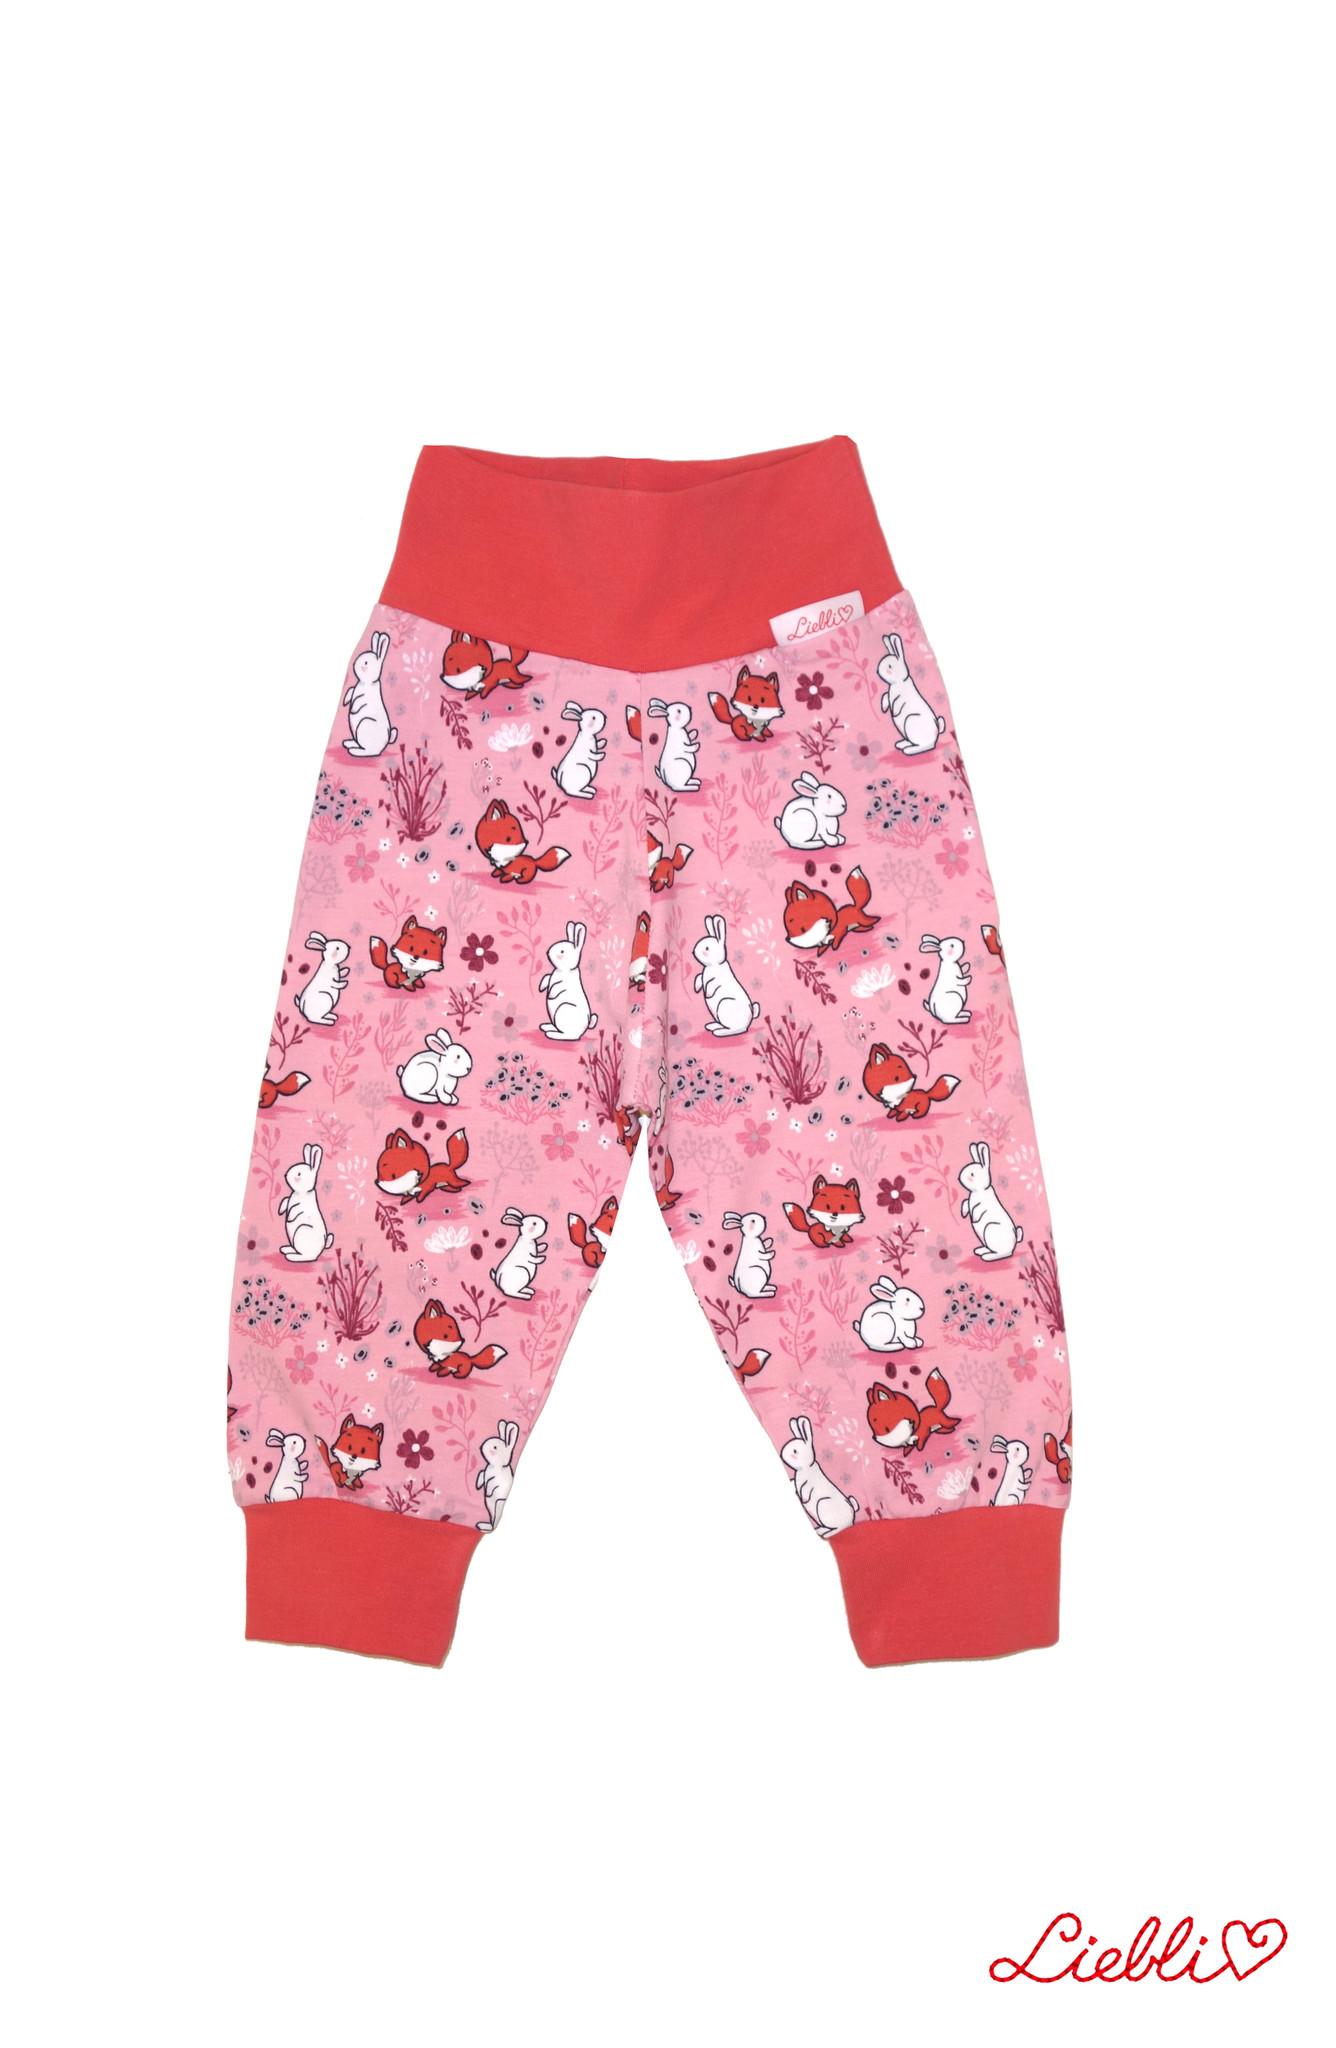 Kinderhose Fuchs und Hase auf rosa